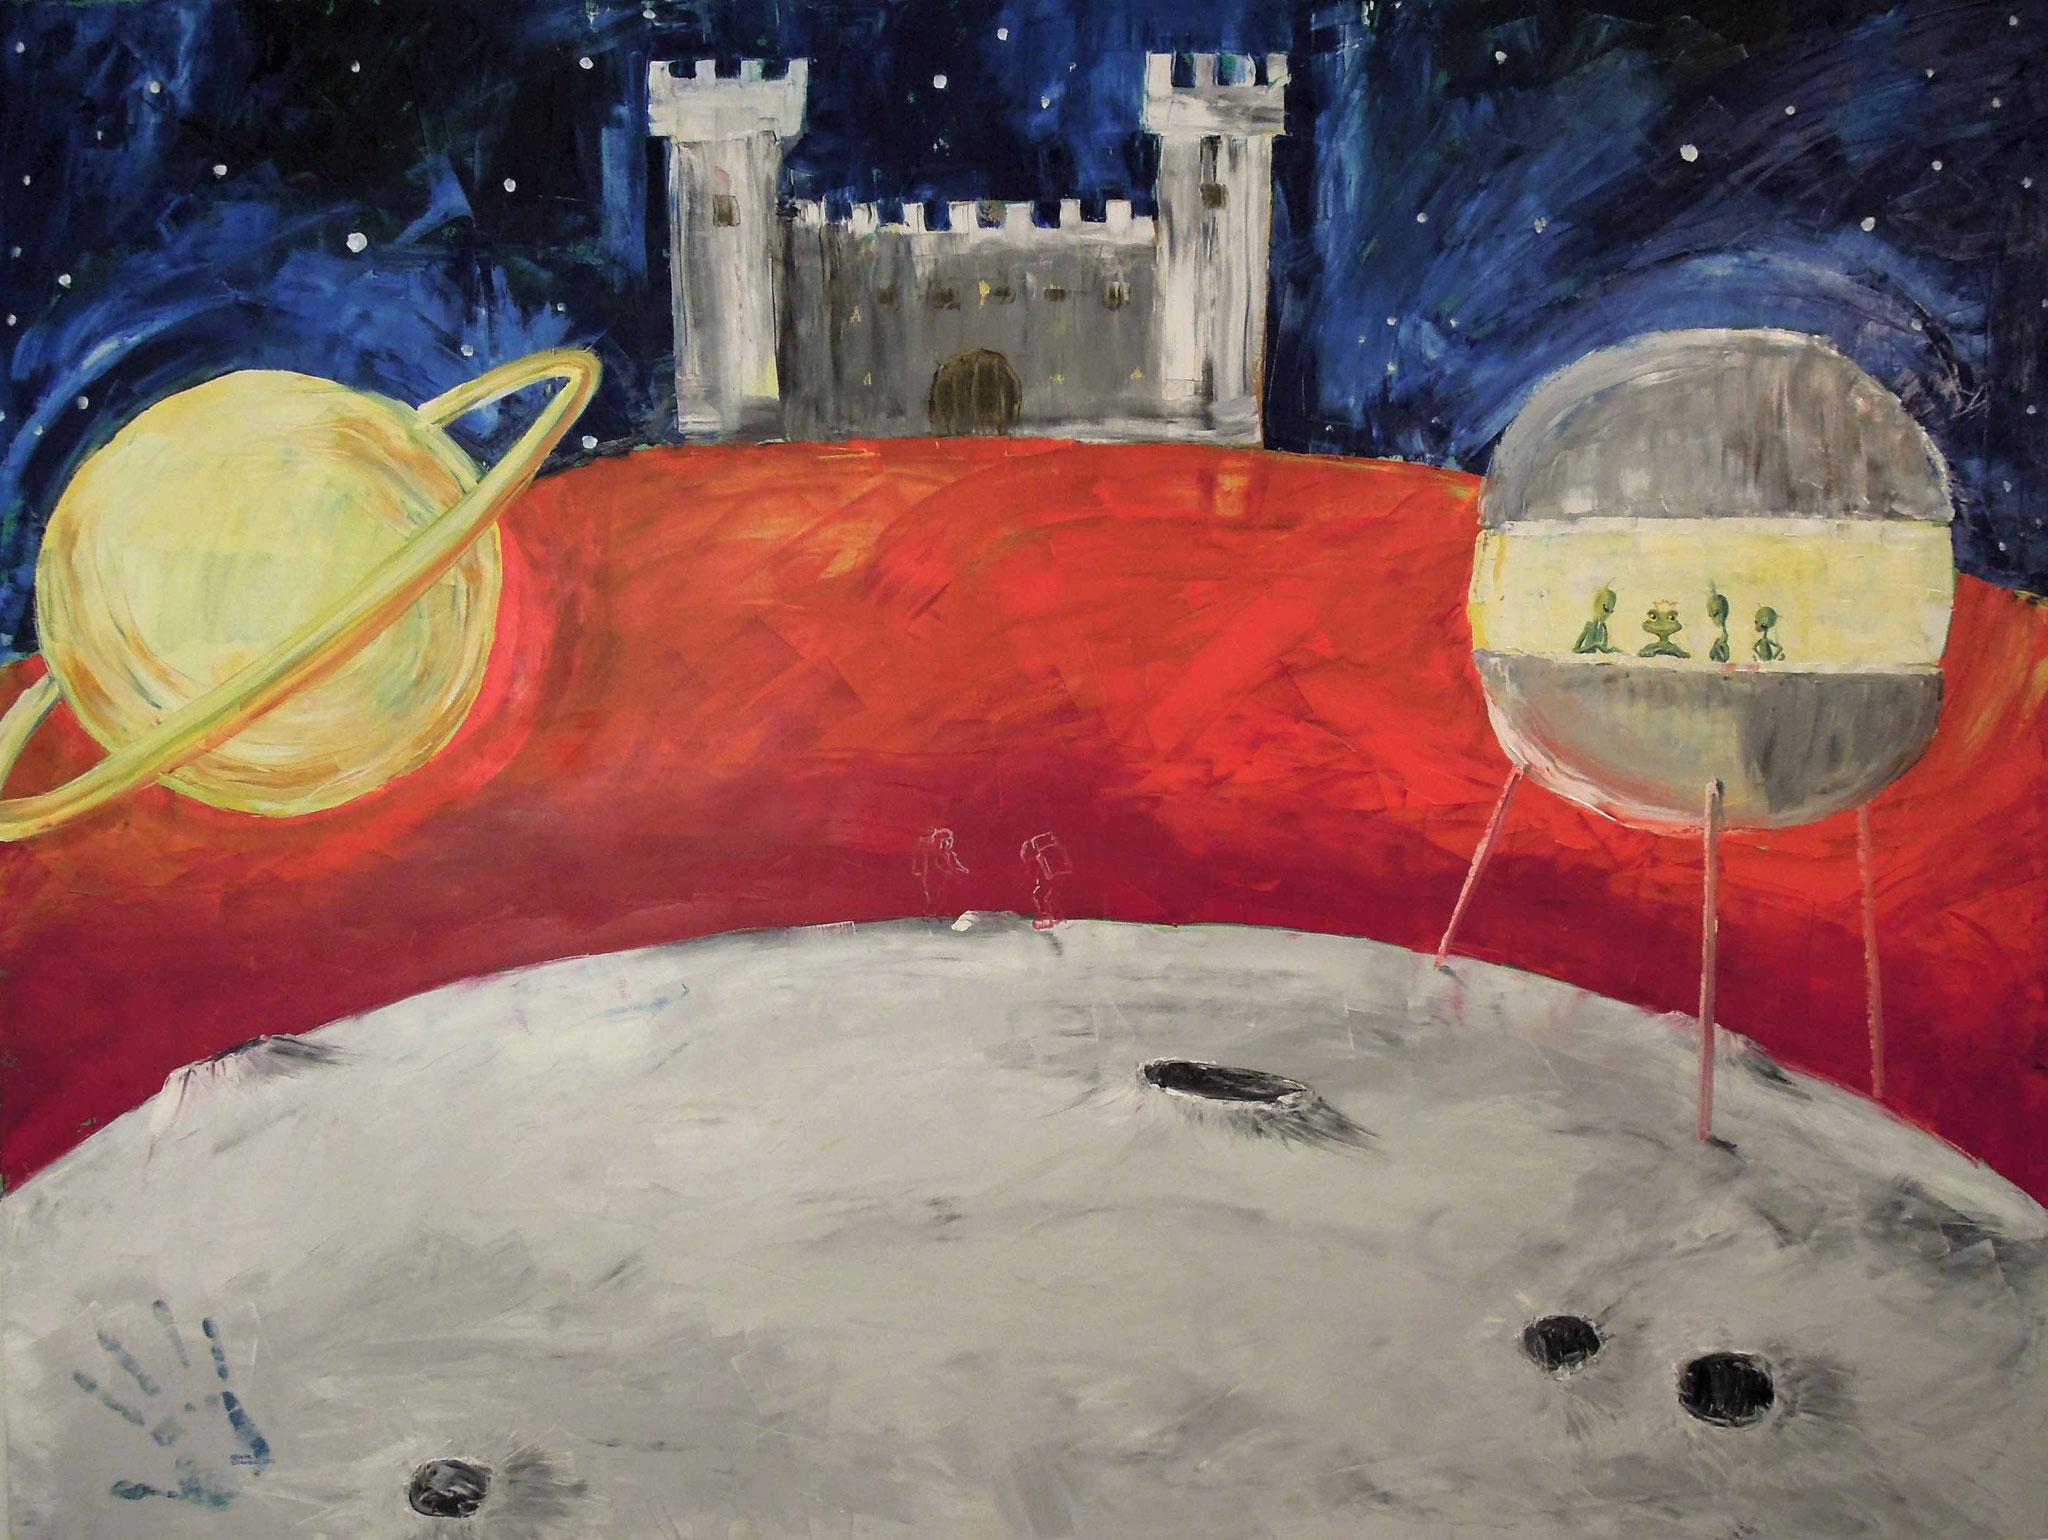 Ich bau dir ein Schloss auf dem Mars oder großer roter Froschkönig - Öl auf Leinwand 160 x 120 cm